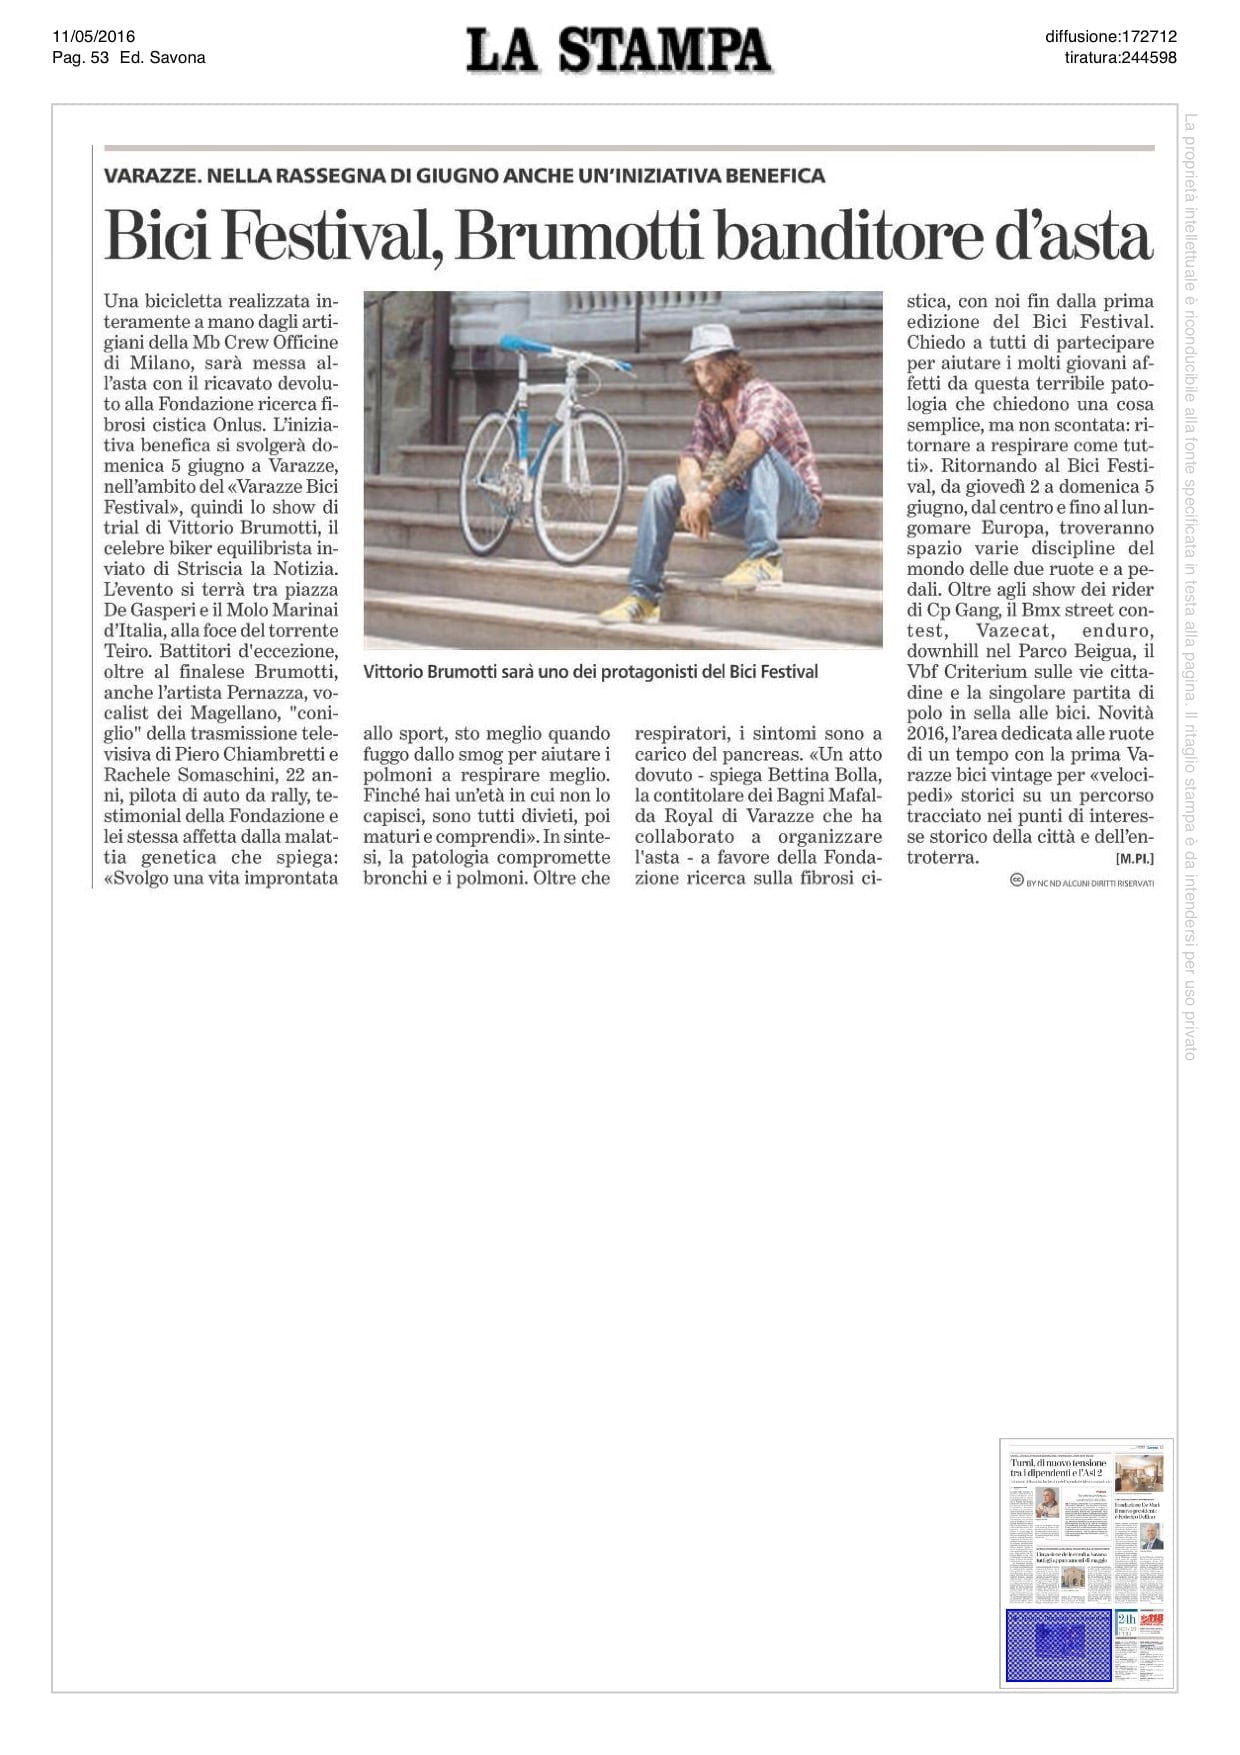 La Stampa · Rachele Somaschini